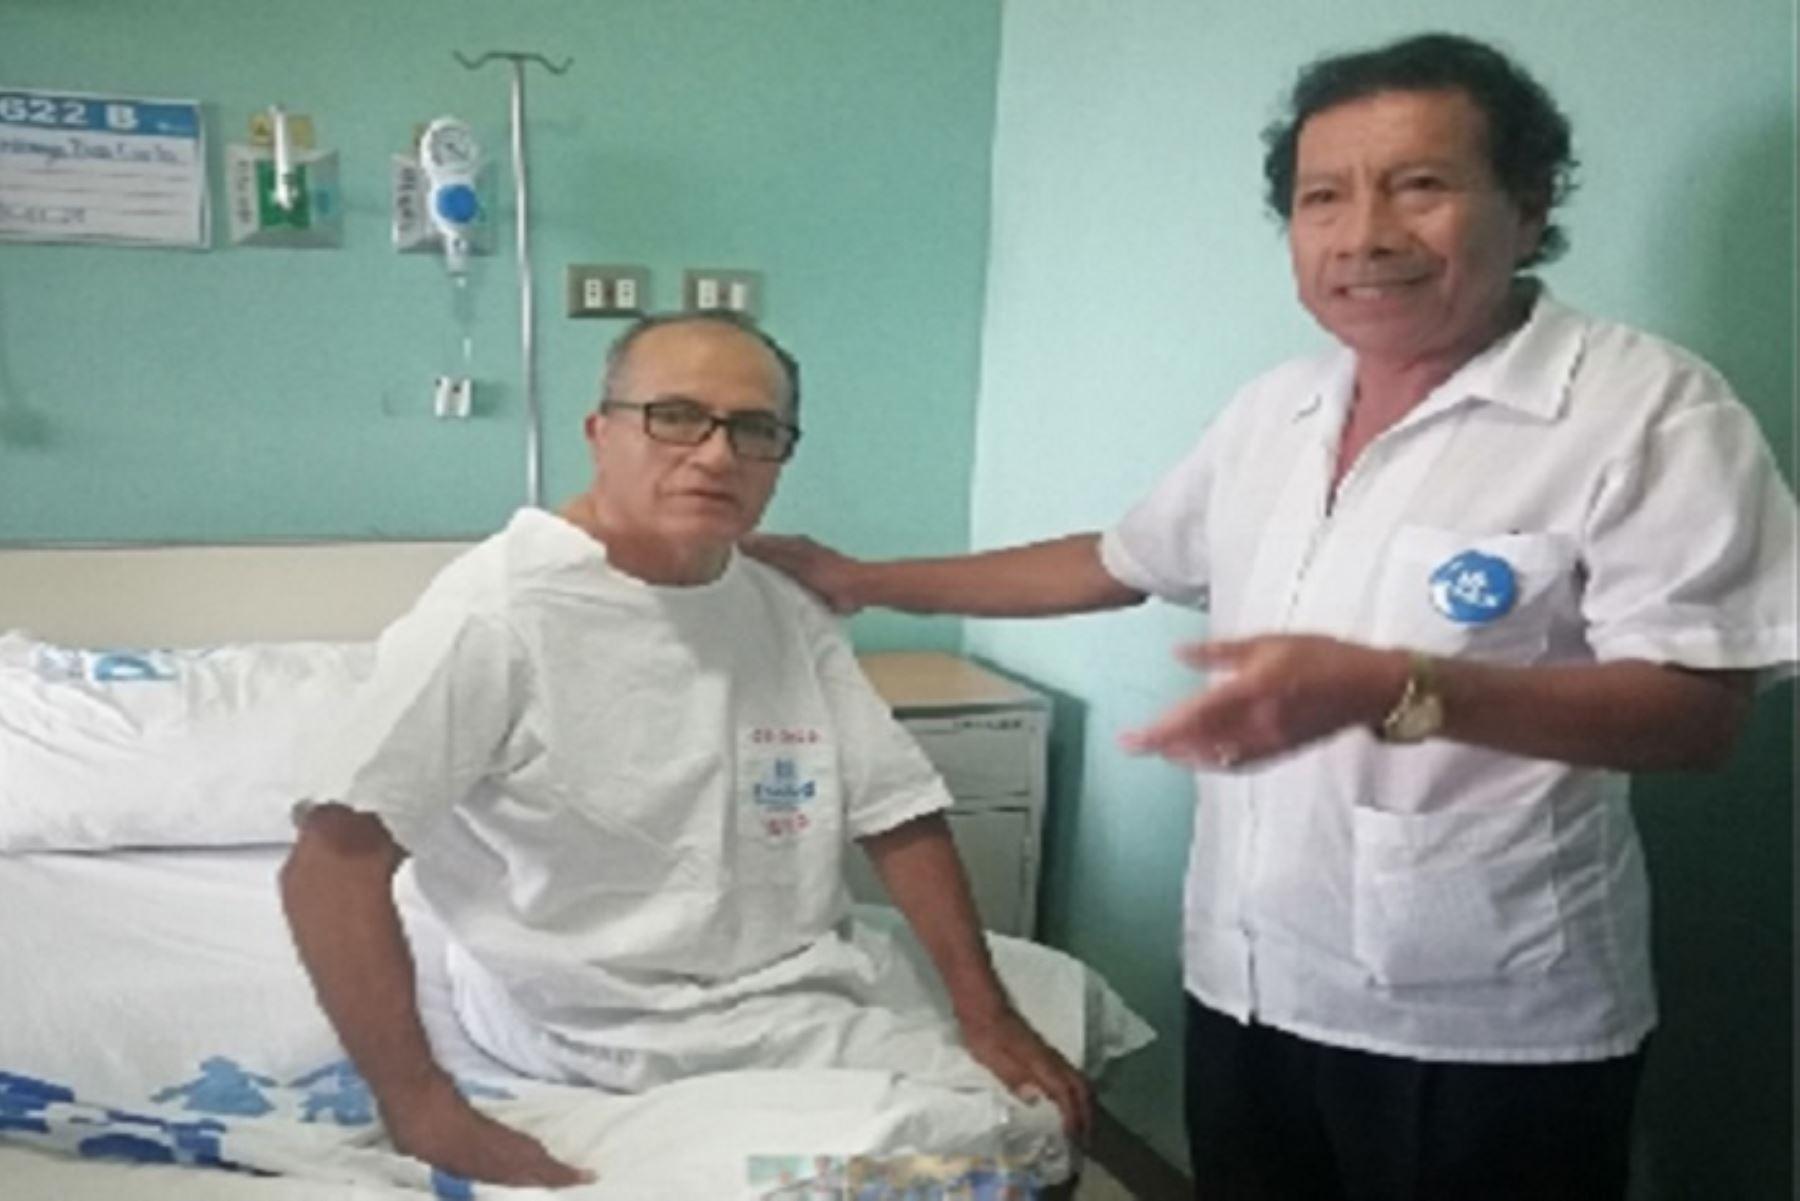 La exitosa operación se le practicó al exfutbolista Carlos Urrunaga Díaz, a quien se le detectó un carcinoma en el riñón derecho, el cual complicó su salud e impedía que pueda realizar una vida normal.